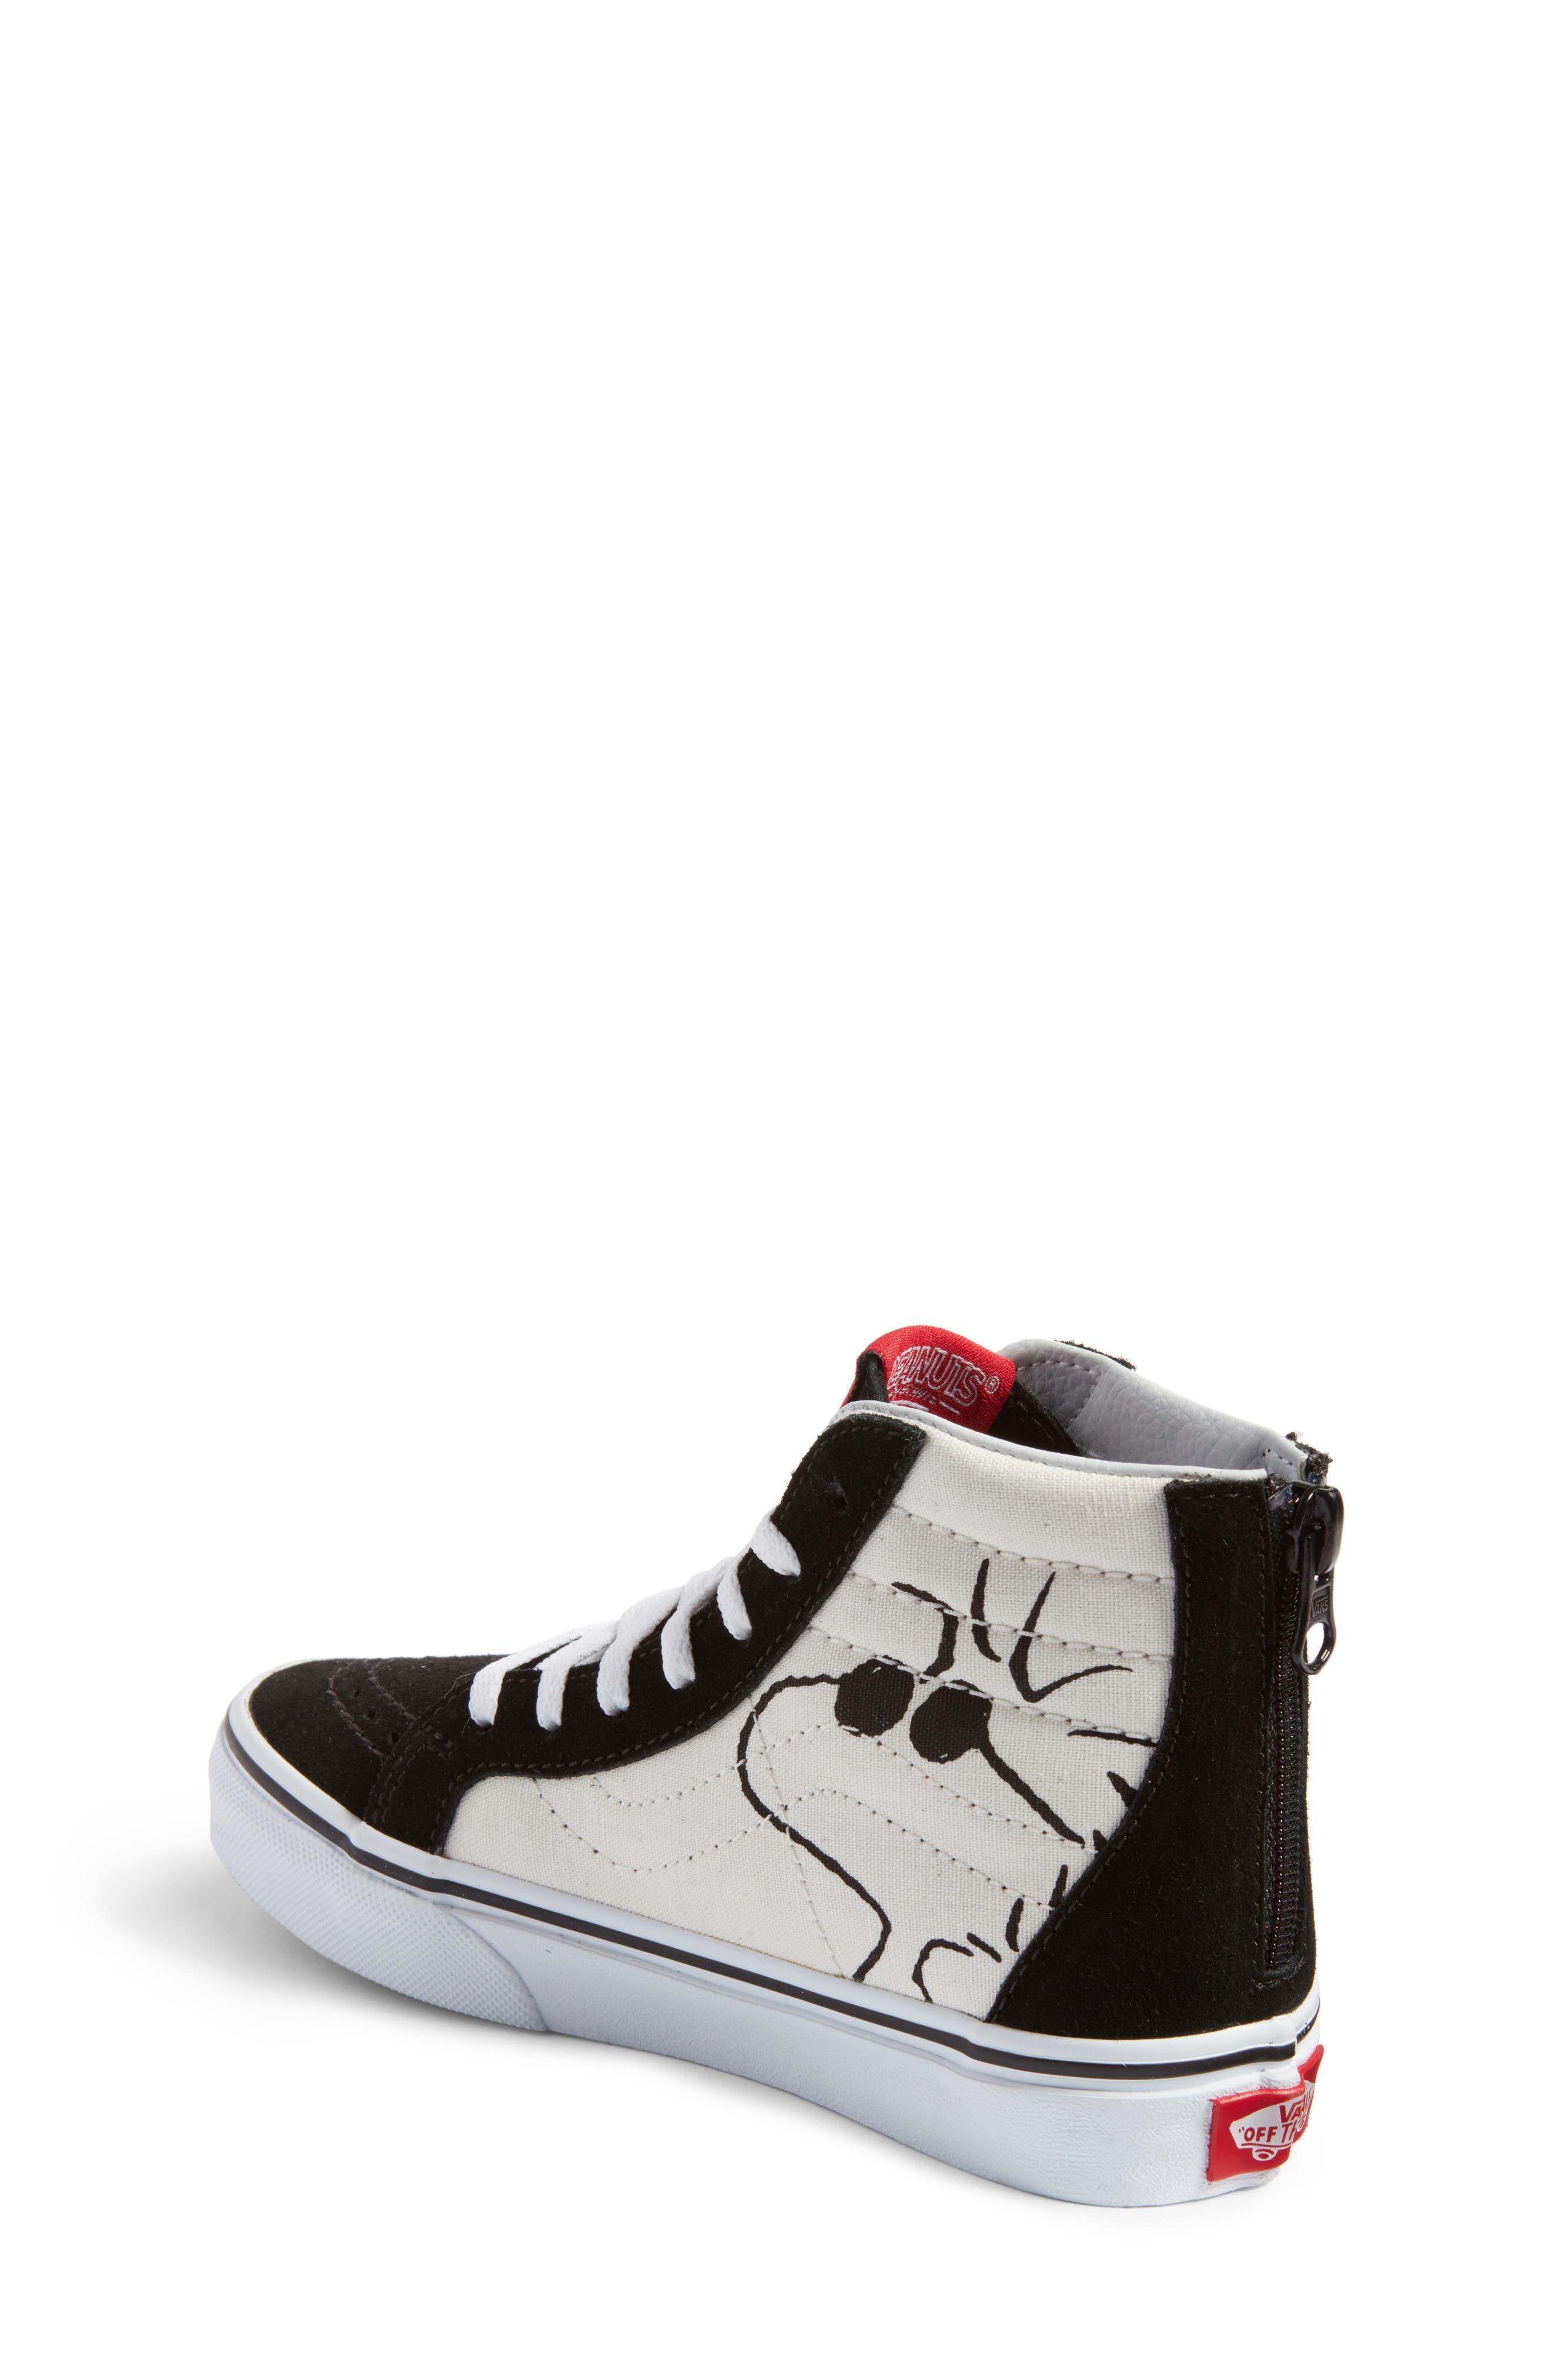 Alternate Image 2  - Vans x Peanuts SK8-Hi Sneaker (Toddler, Little Kid & Big Kid)